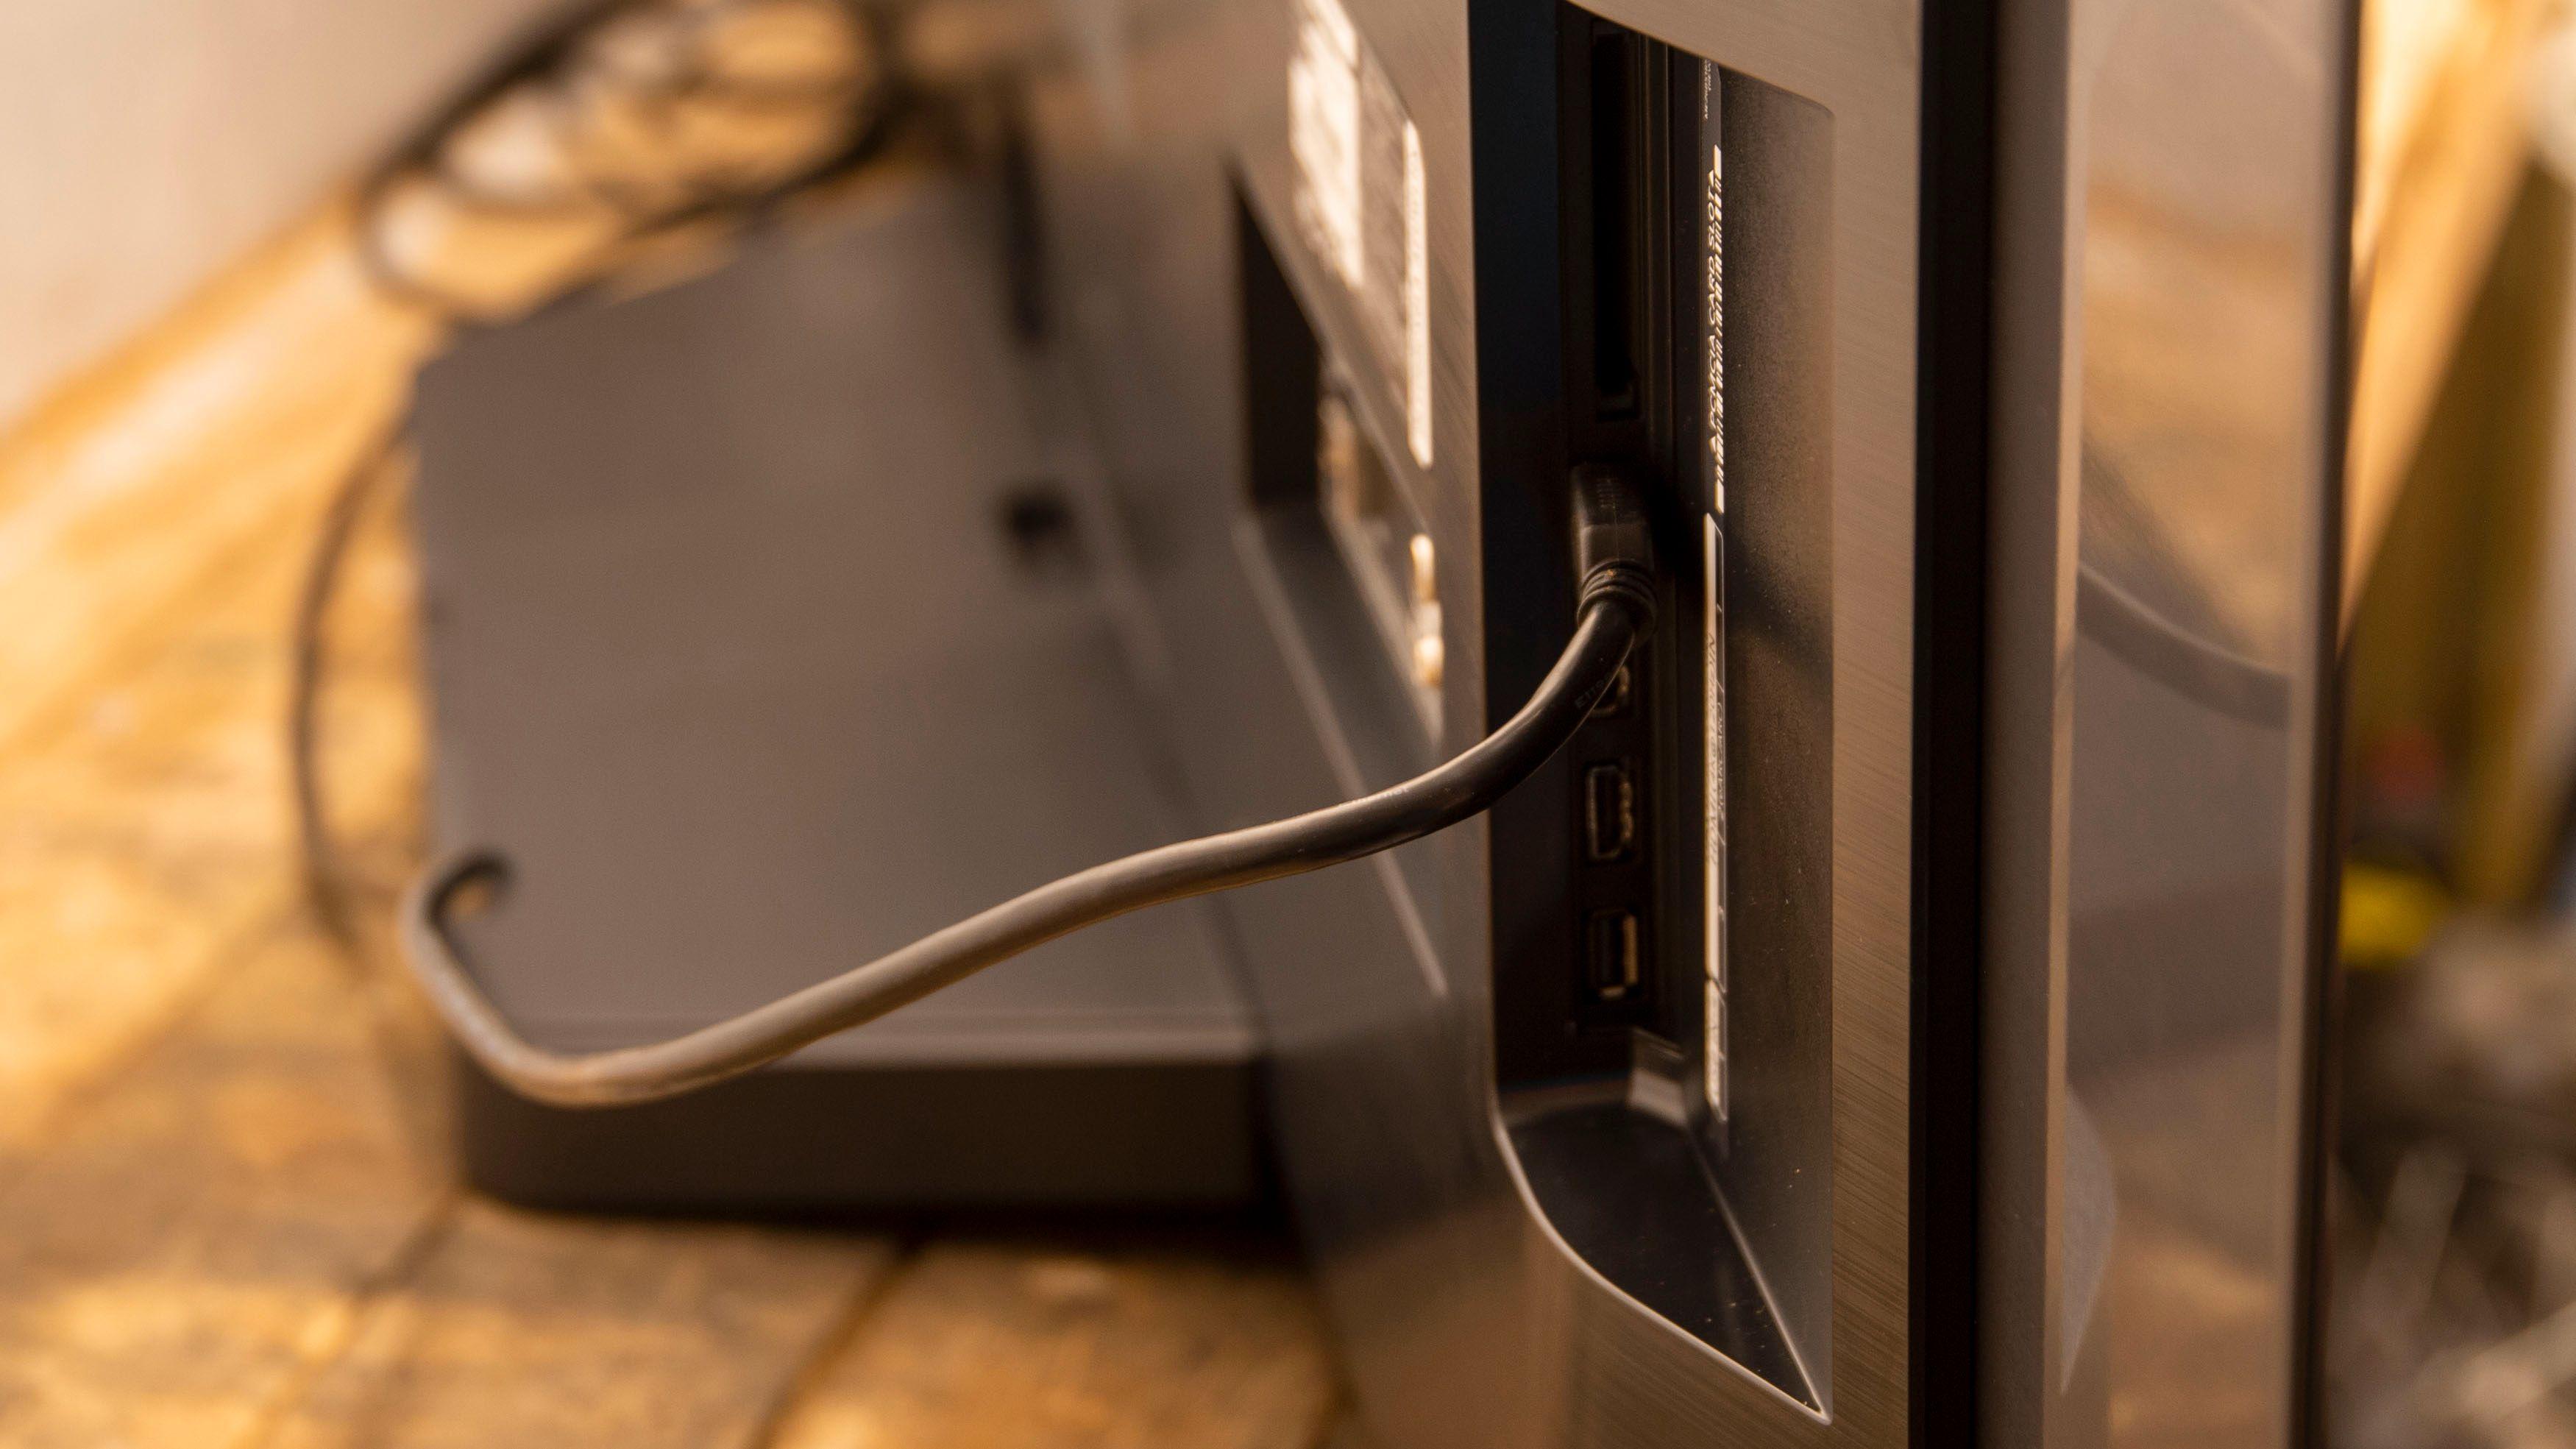 Noen av portene kan skape krøll om du skal henge denne TV-en på veggen.